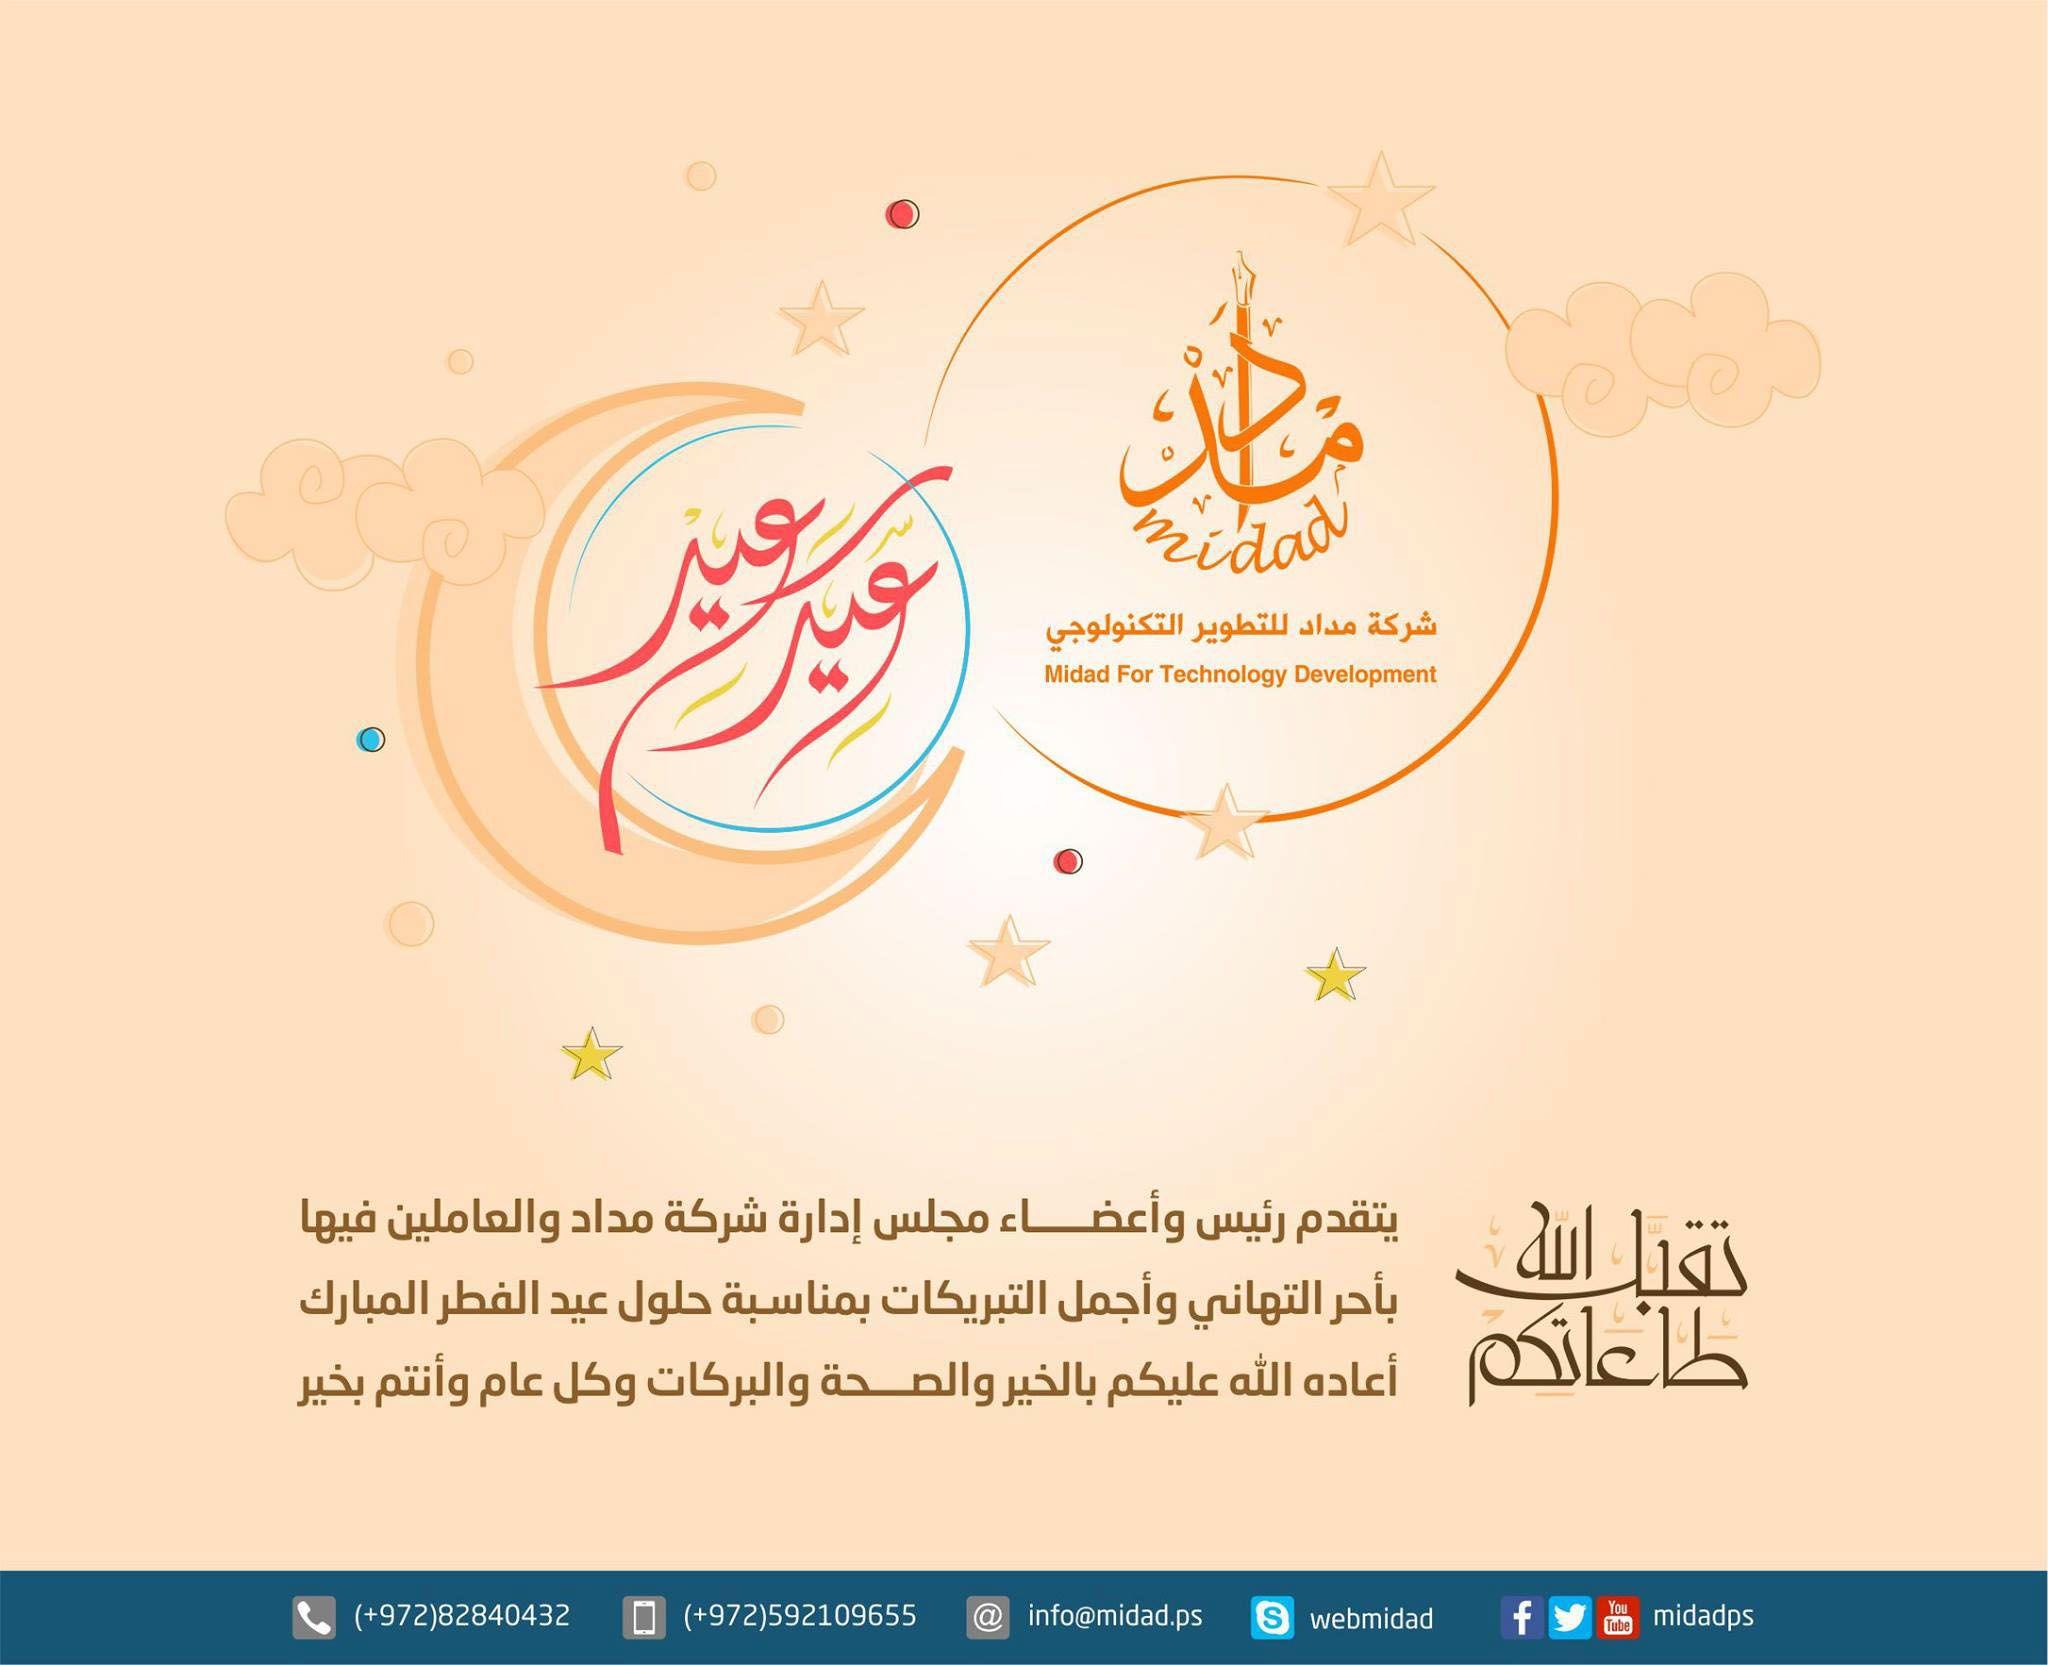 بطاقات تهنئة بالعيد الفطر السعيد Free Psd Design Islamic Celebrations Psd Designs